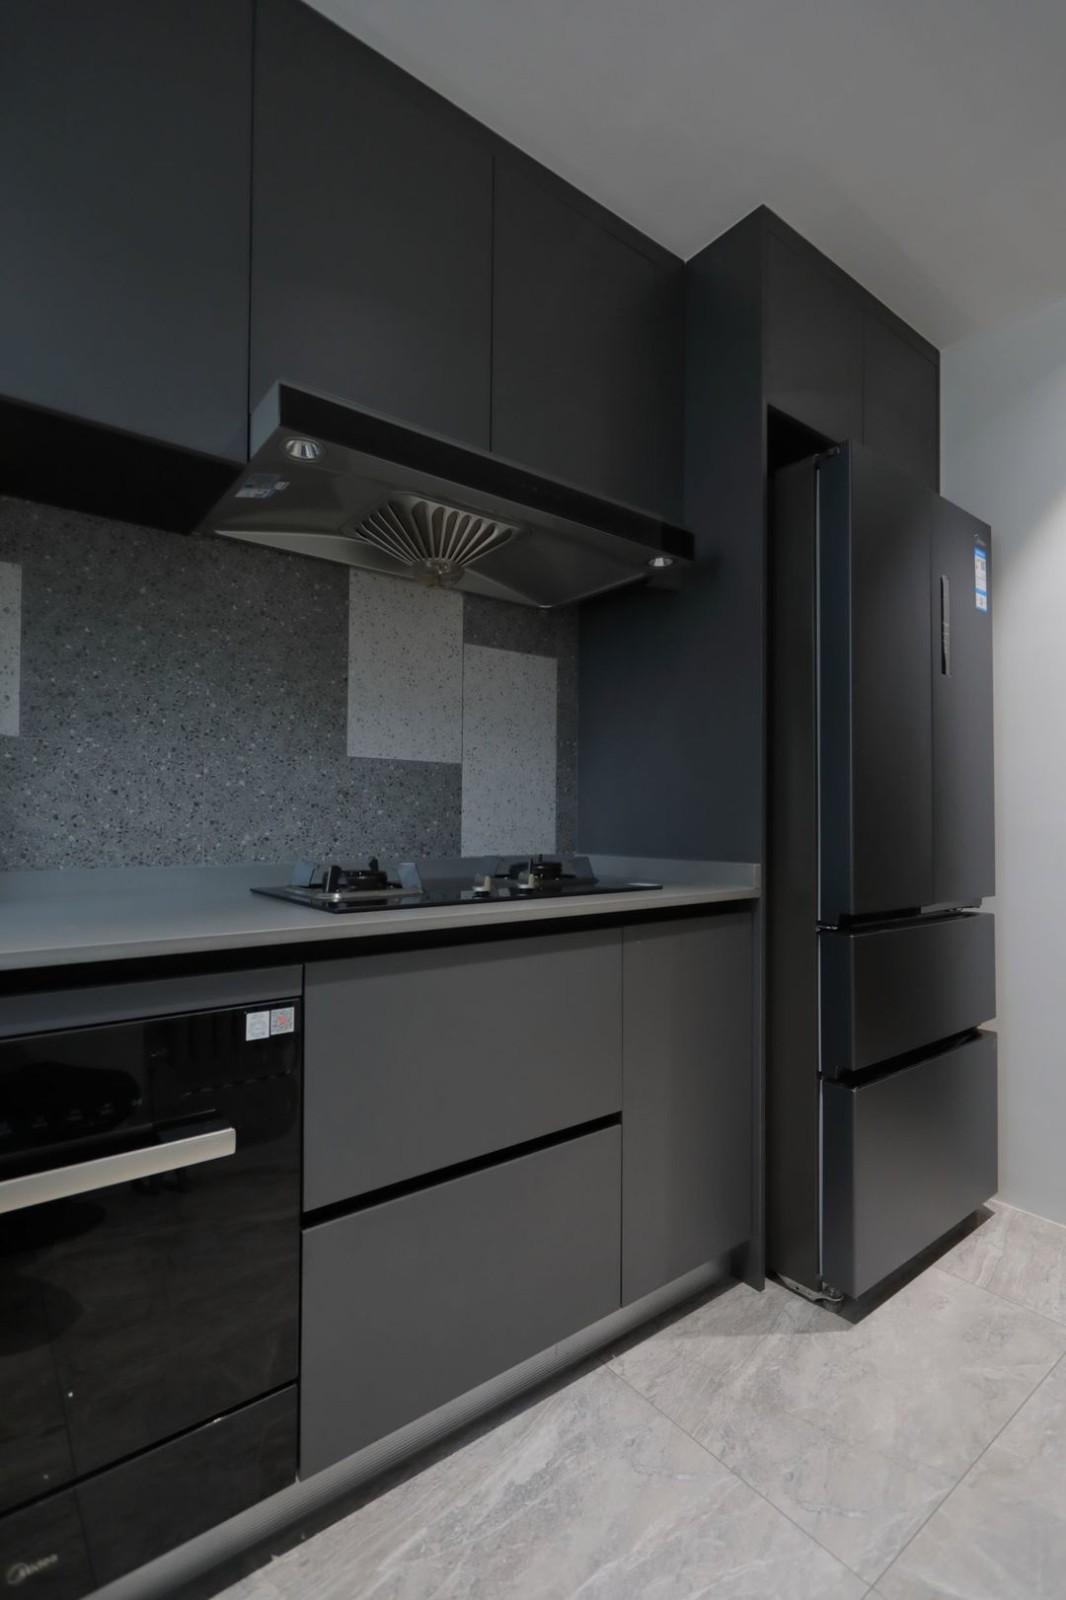 2021现代厨房装修图 2021现代厨房岛台效果图